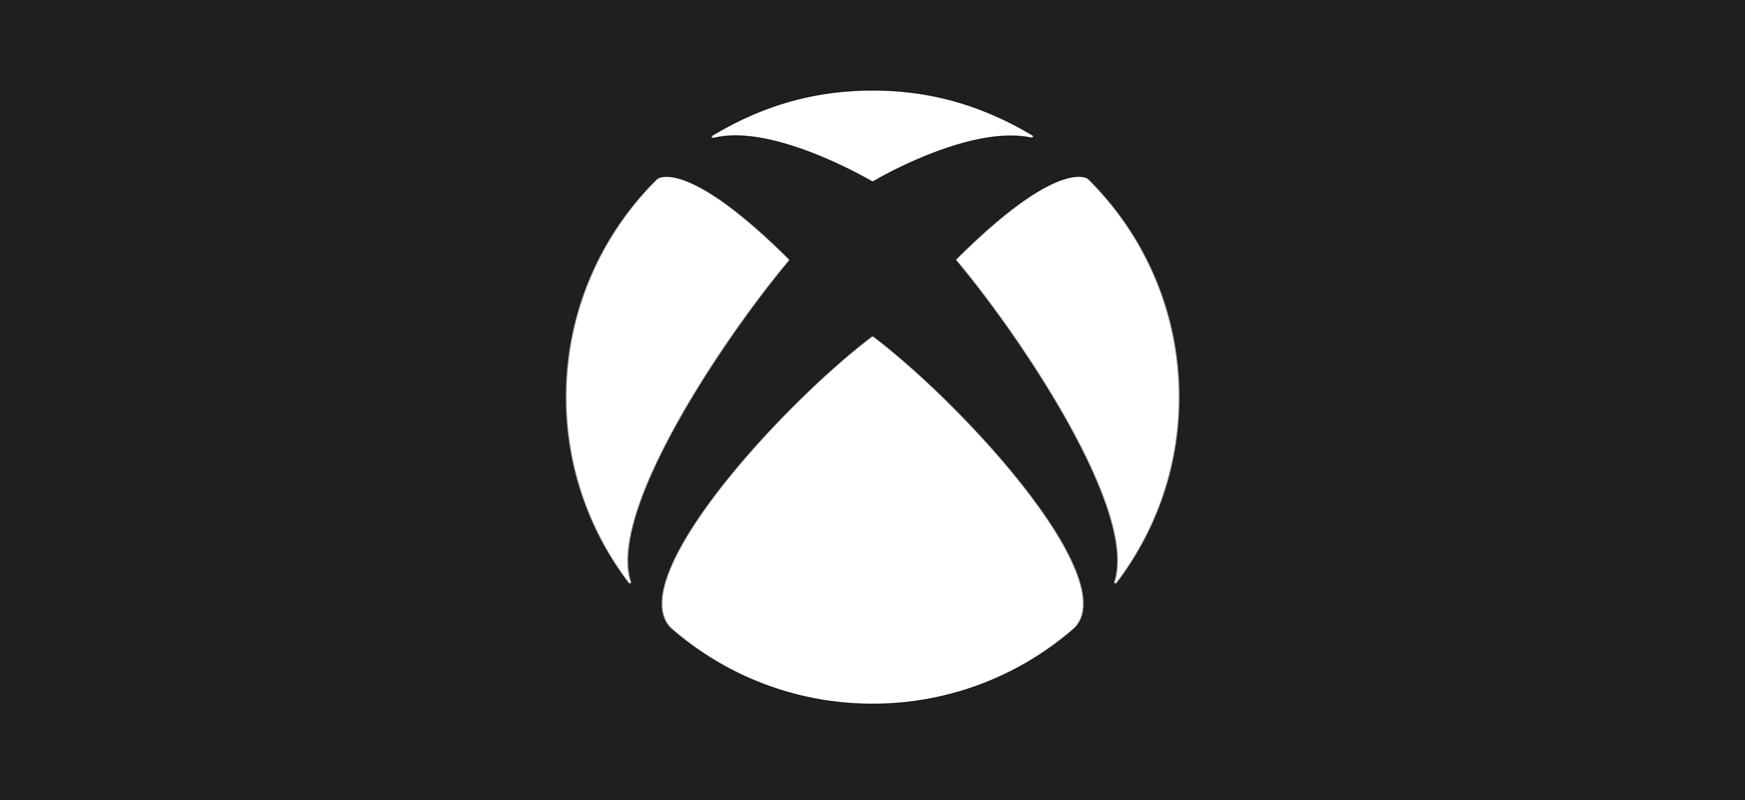 Xbox Series X PLN 500-ek merkeagoa PlayStation-ek baino 5.  Hau da lehen 10 milioi jokalari lortzeko plana